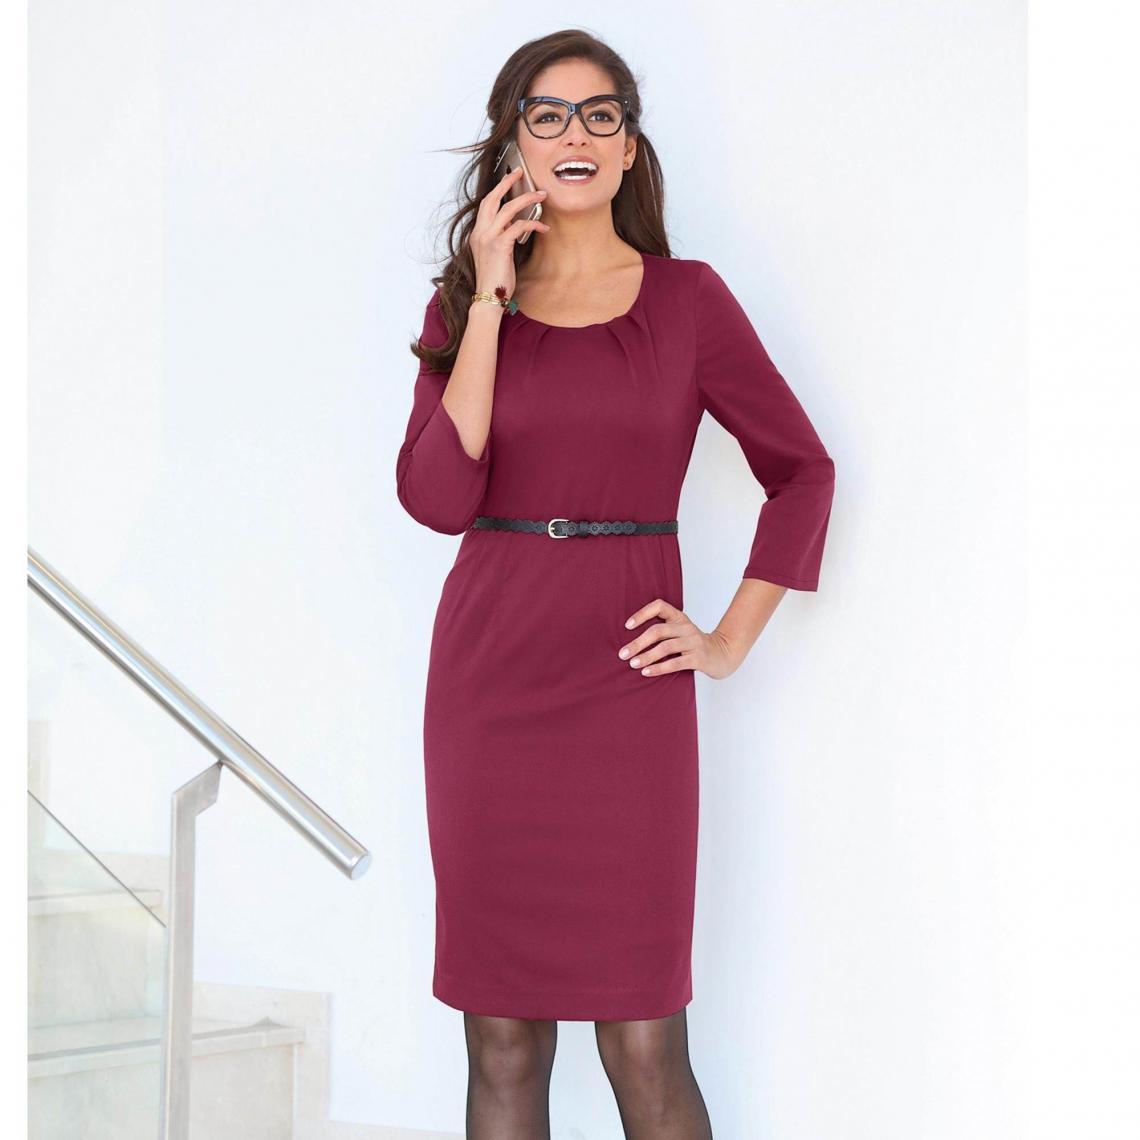 Robe courte femme - Rouge - 3 SUISSES - Modalova